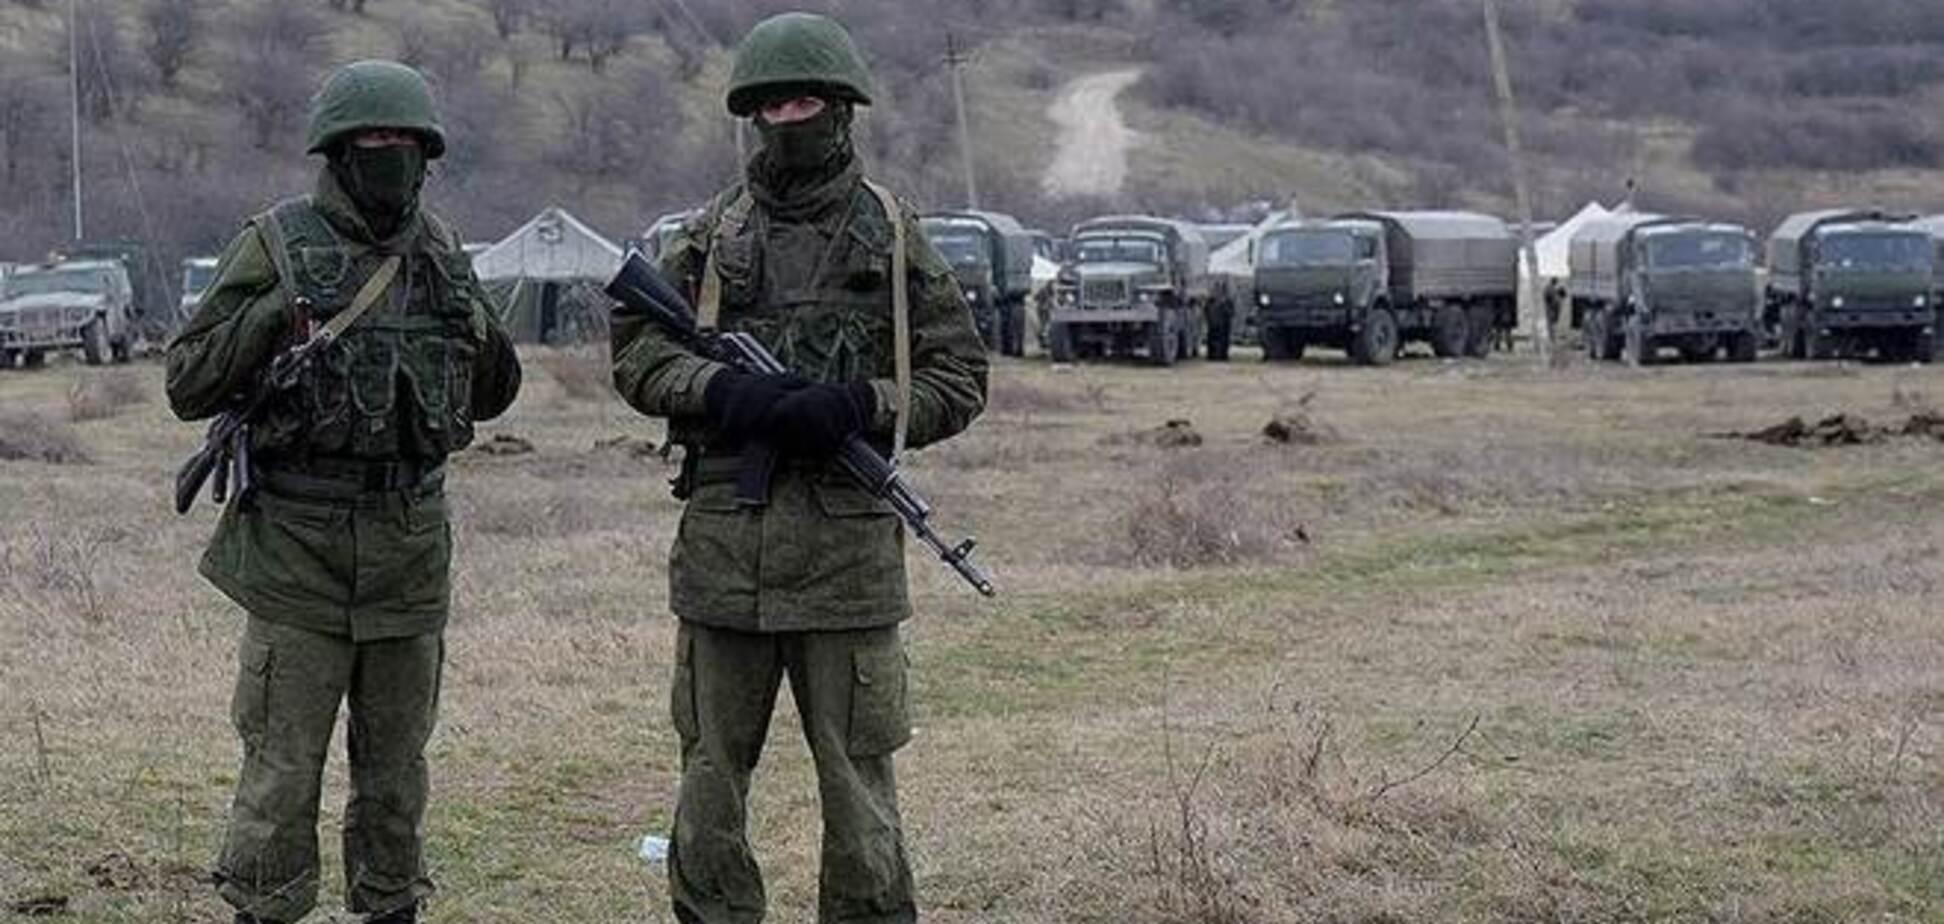 Тымчук узнал дислокацию российских военных на границе с Украиной